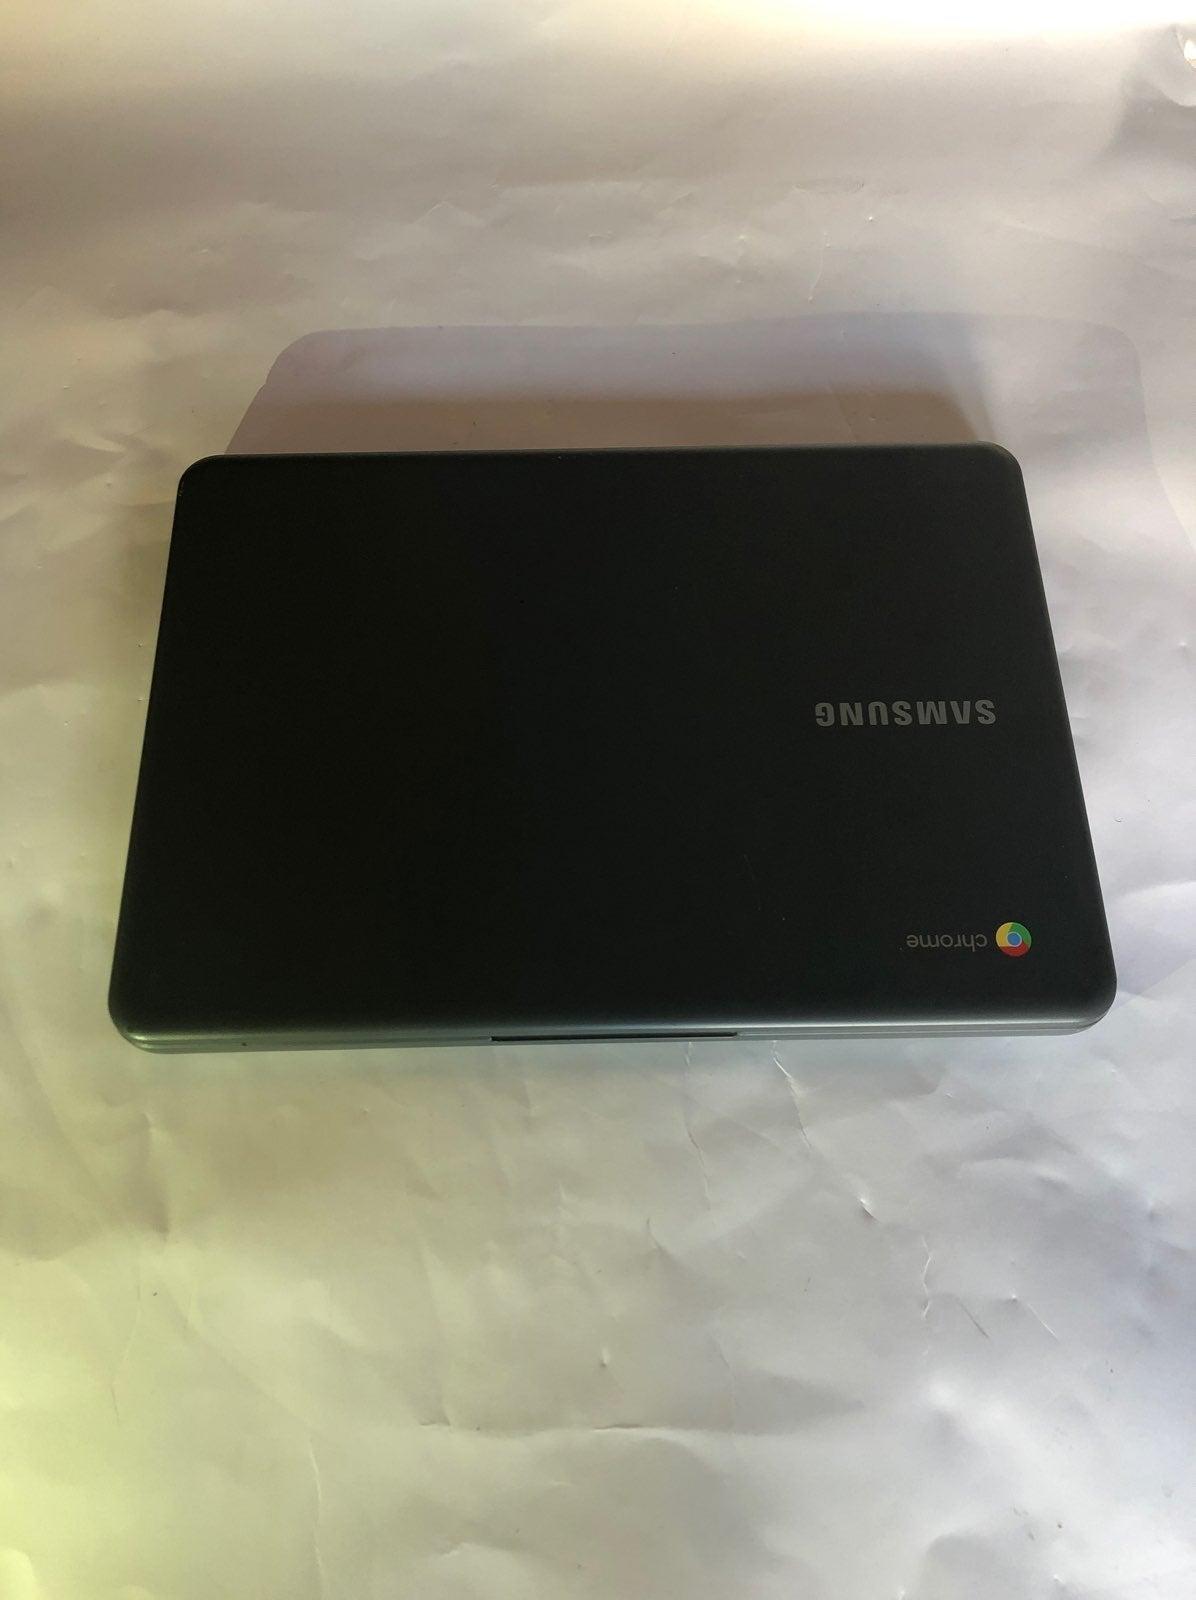 Samsung Chromebook 3 comes & bag